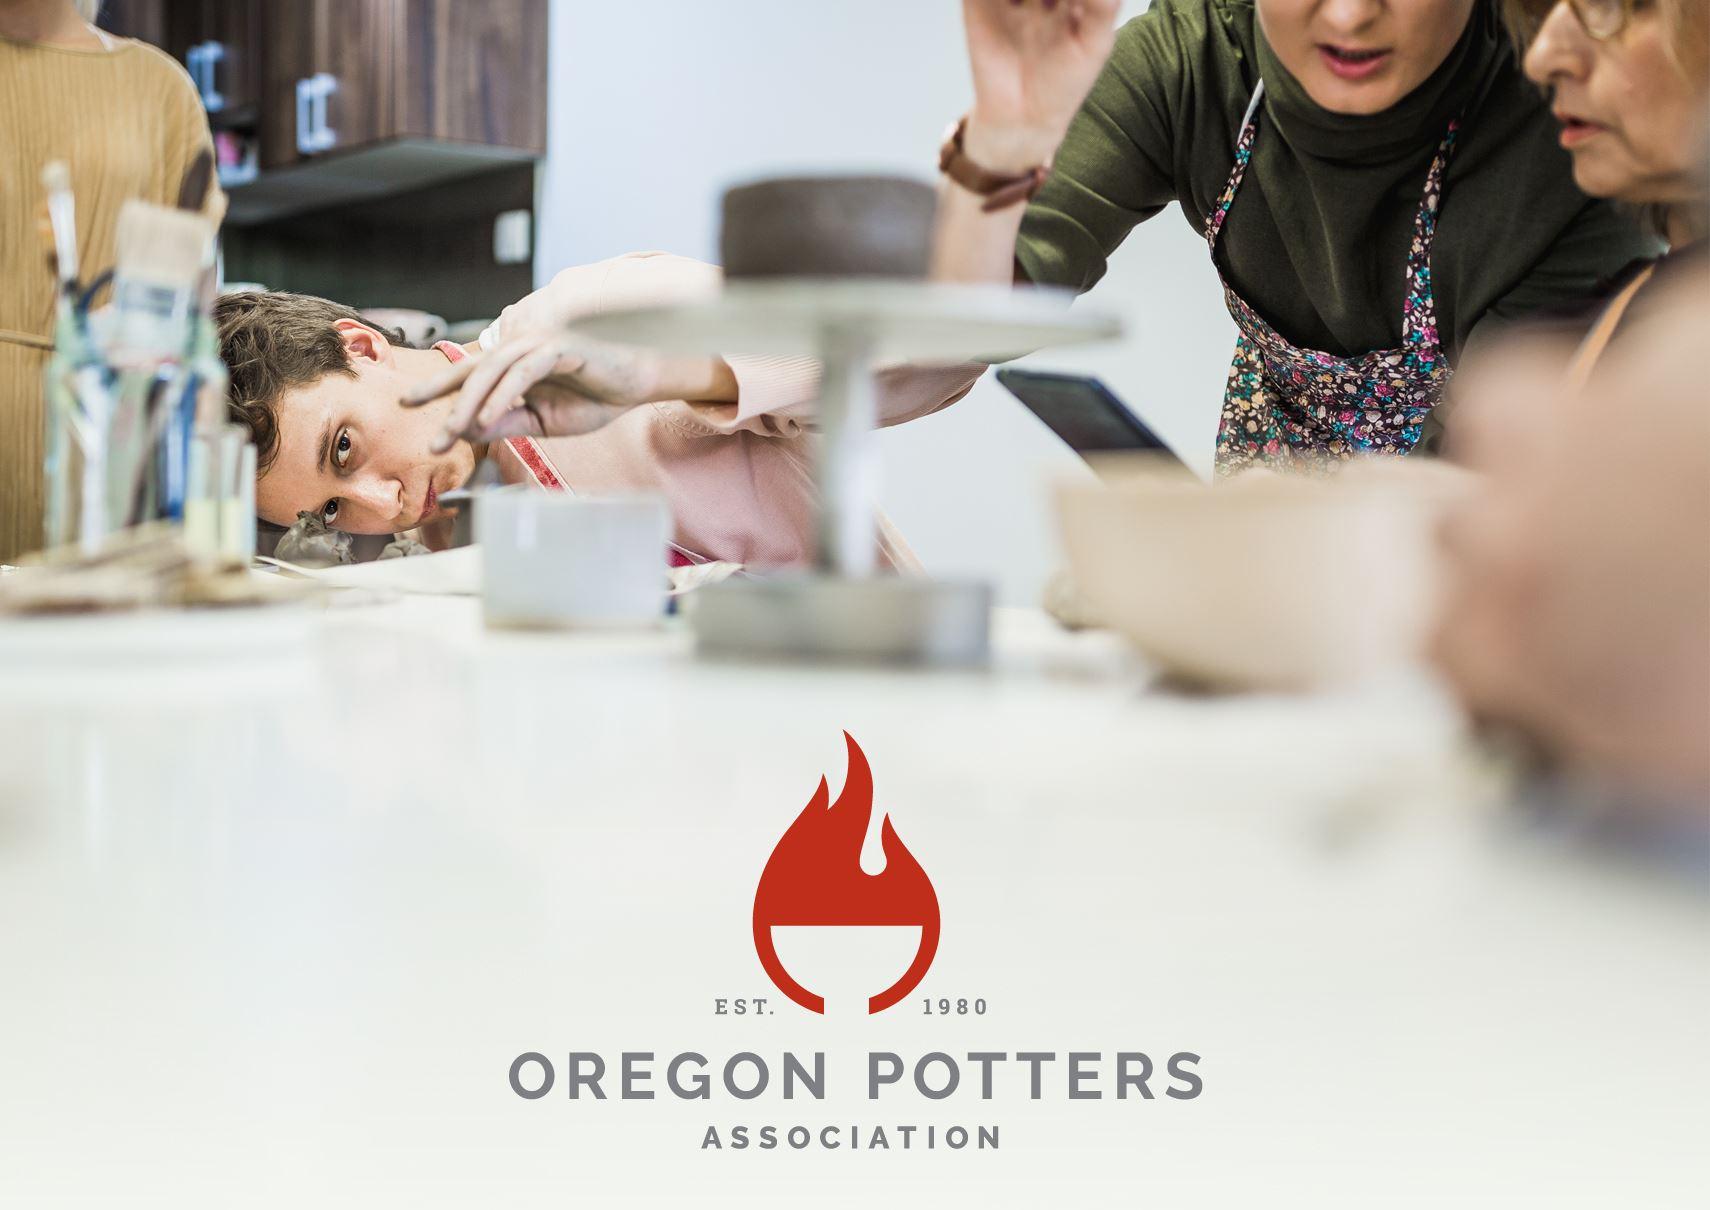 Oregon Potters Association